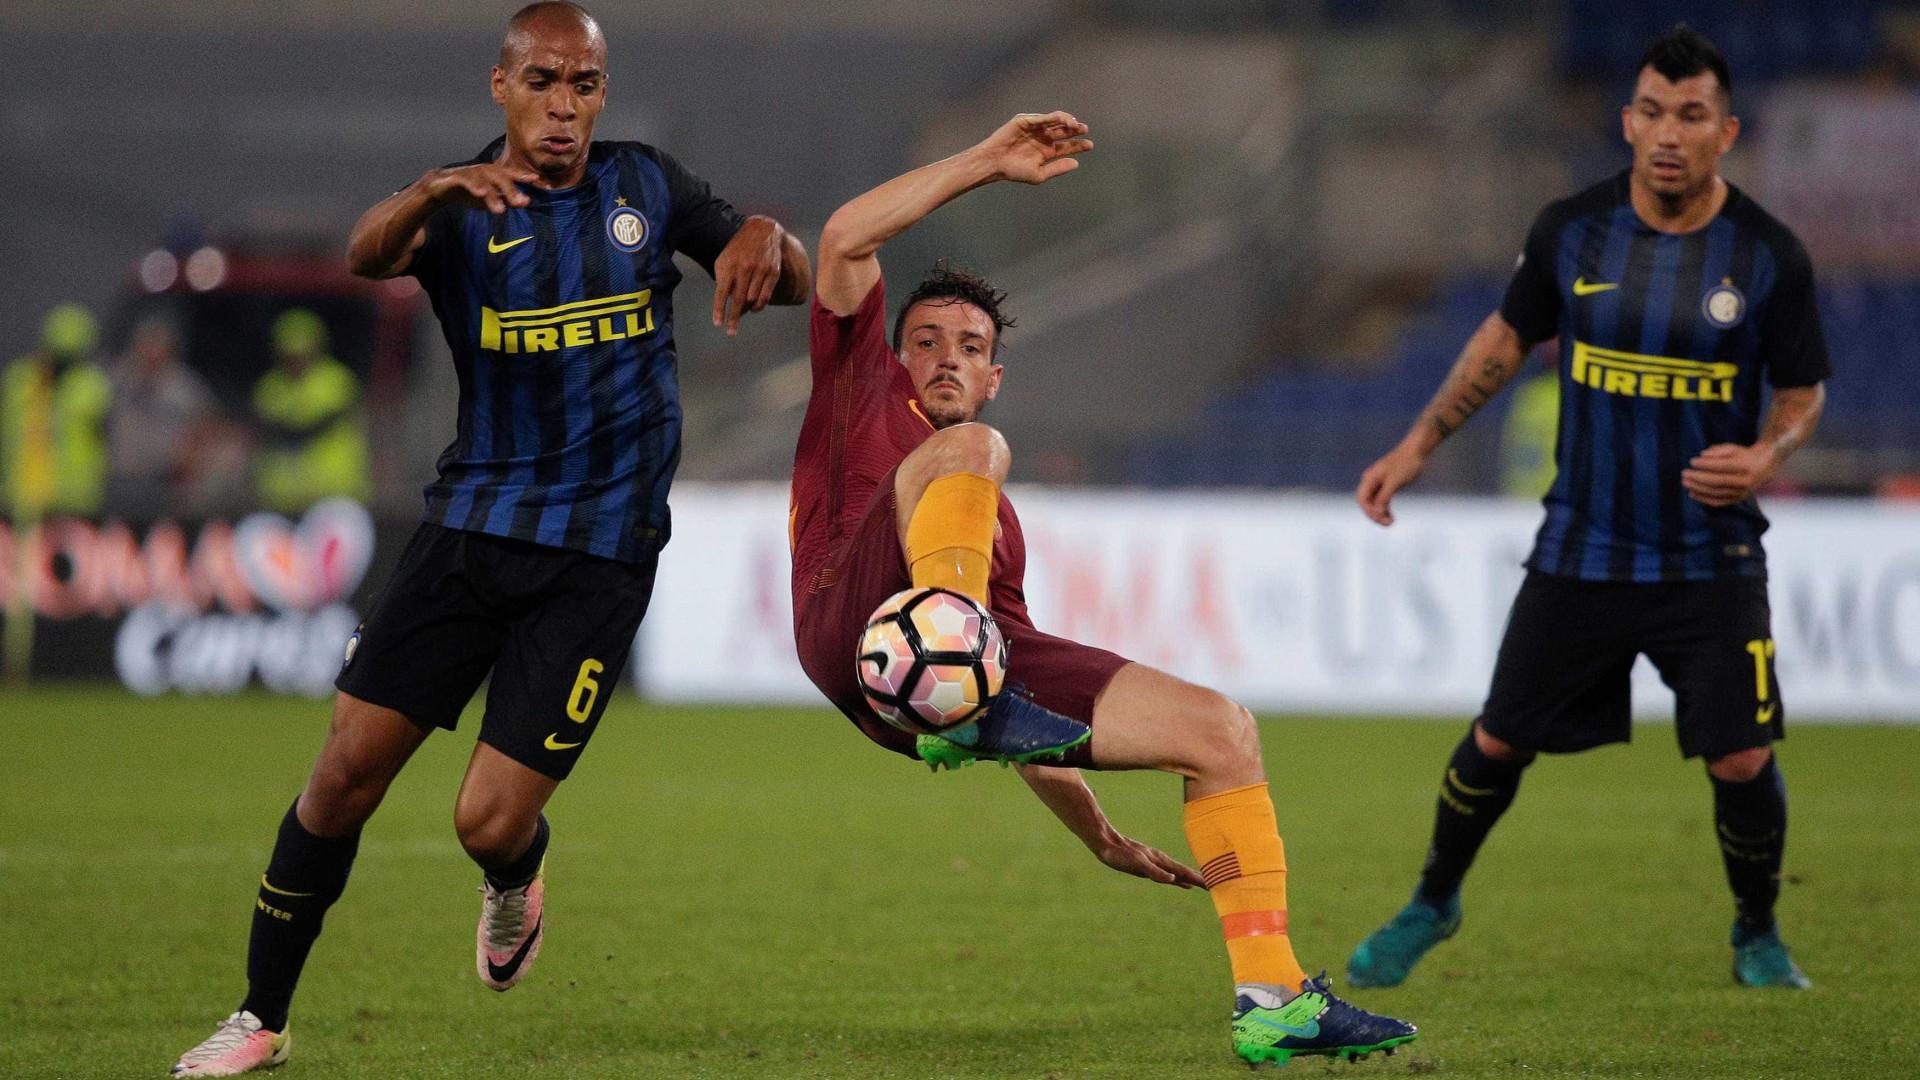 Inter de João Mário venceu Fiorentina de Paulo Sousa por 4-2